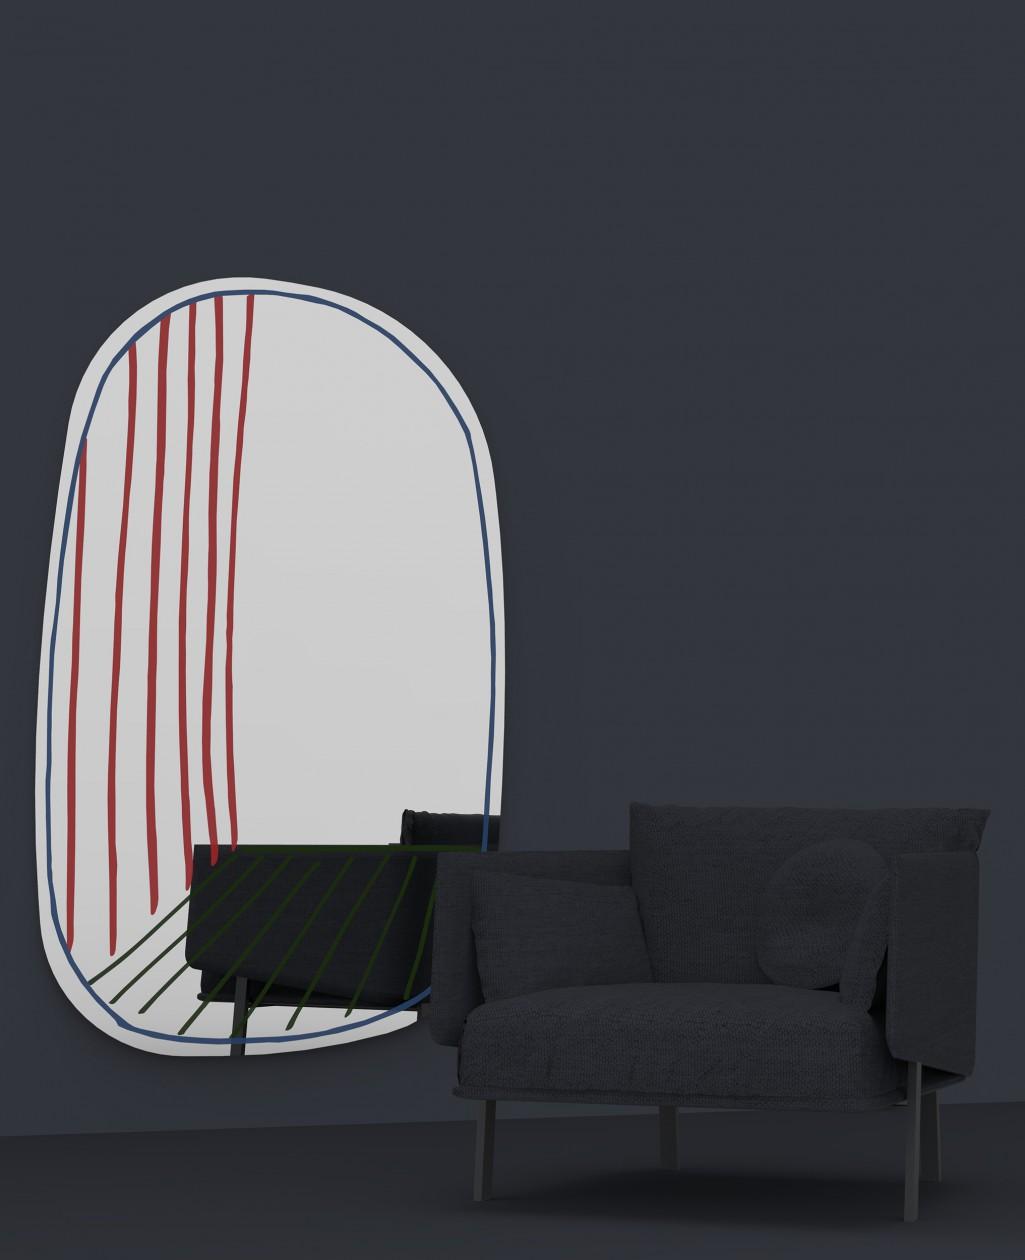 New Perspective Collection de miroirs / Des ouvertures sur un monde surréaliste par  Bonaldo  (2016).